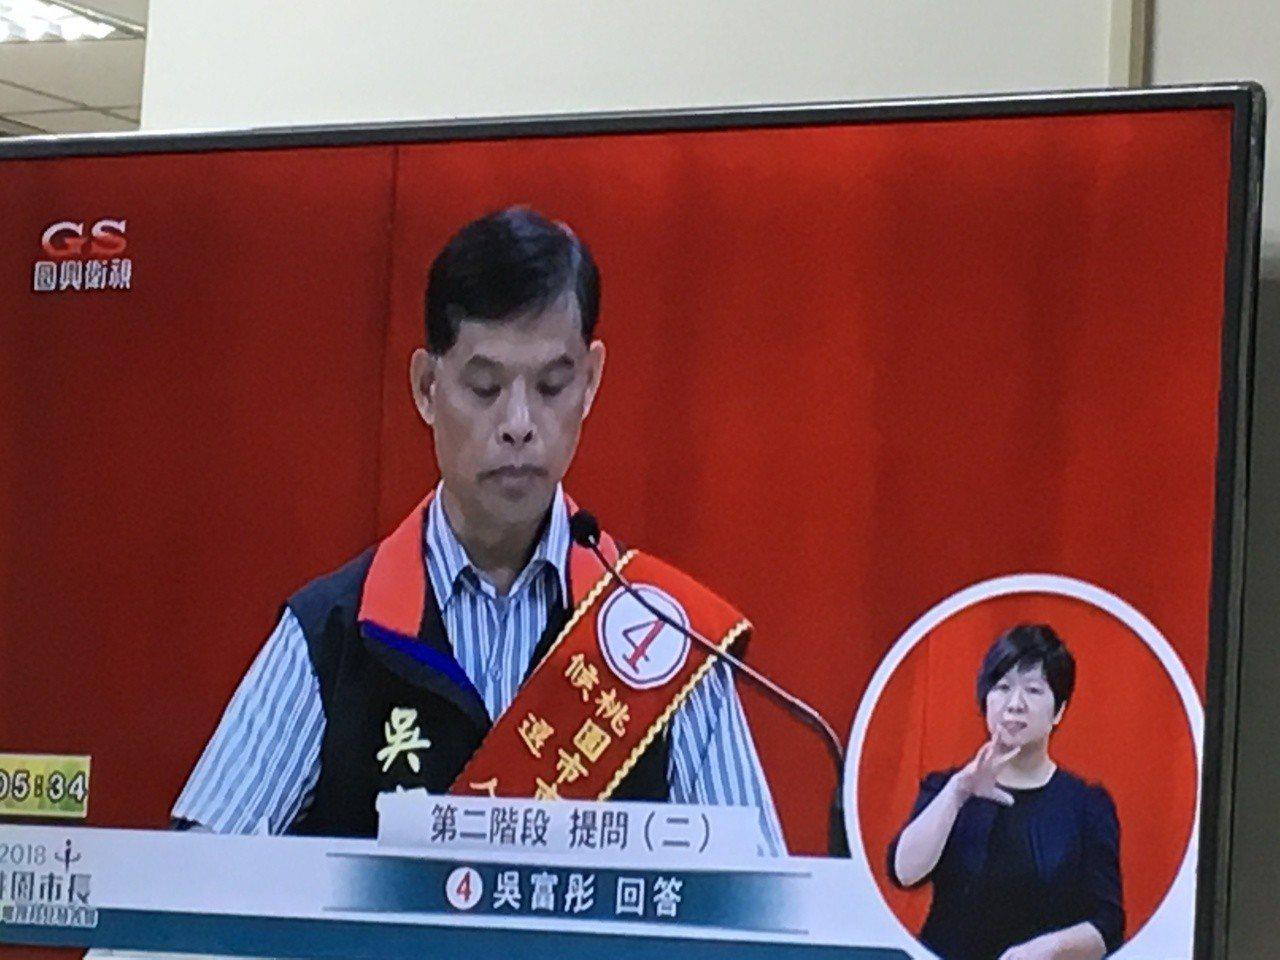 候選人吳富彤說要政治要改變,才能發展經濟。記者張裕珍/翻攝